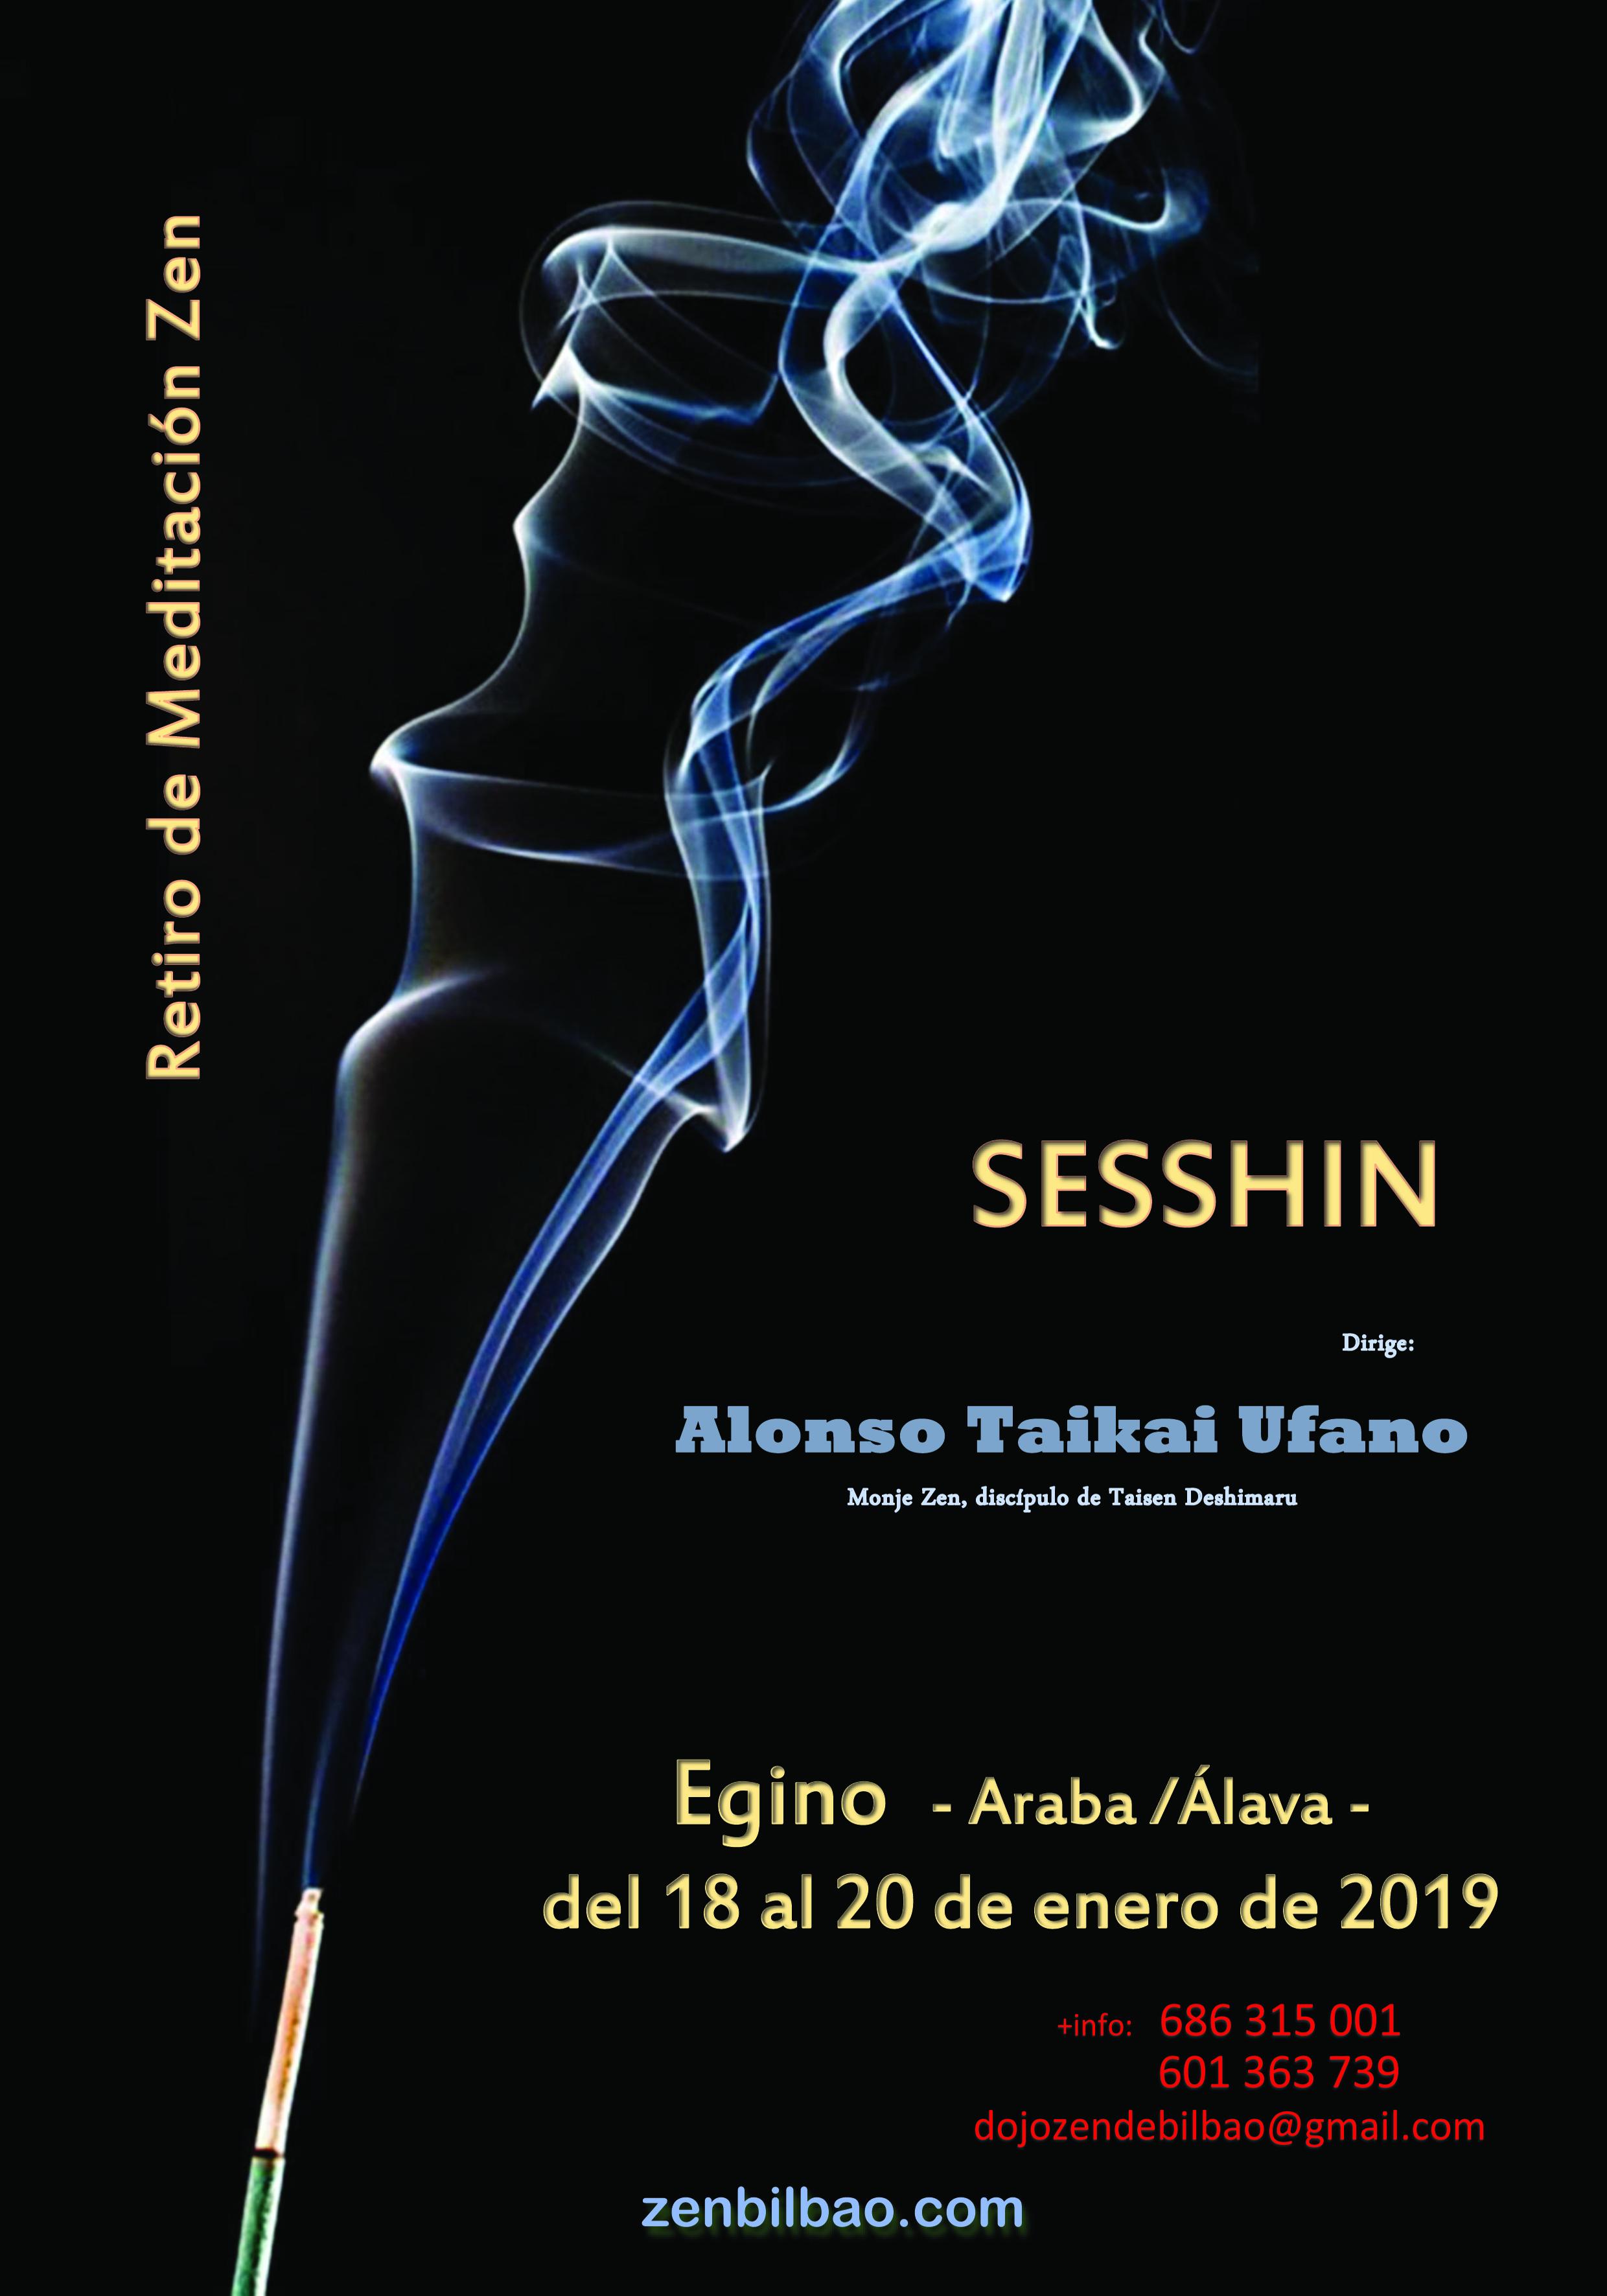 Egino 2019